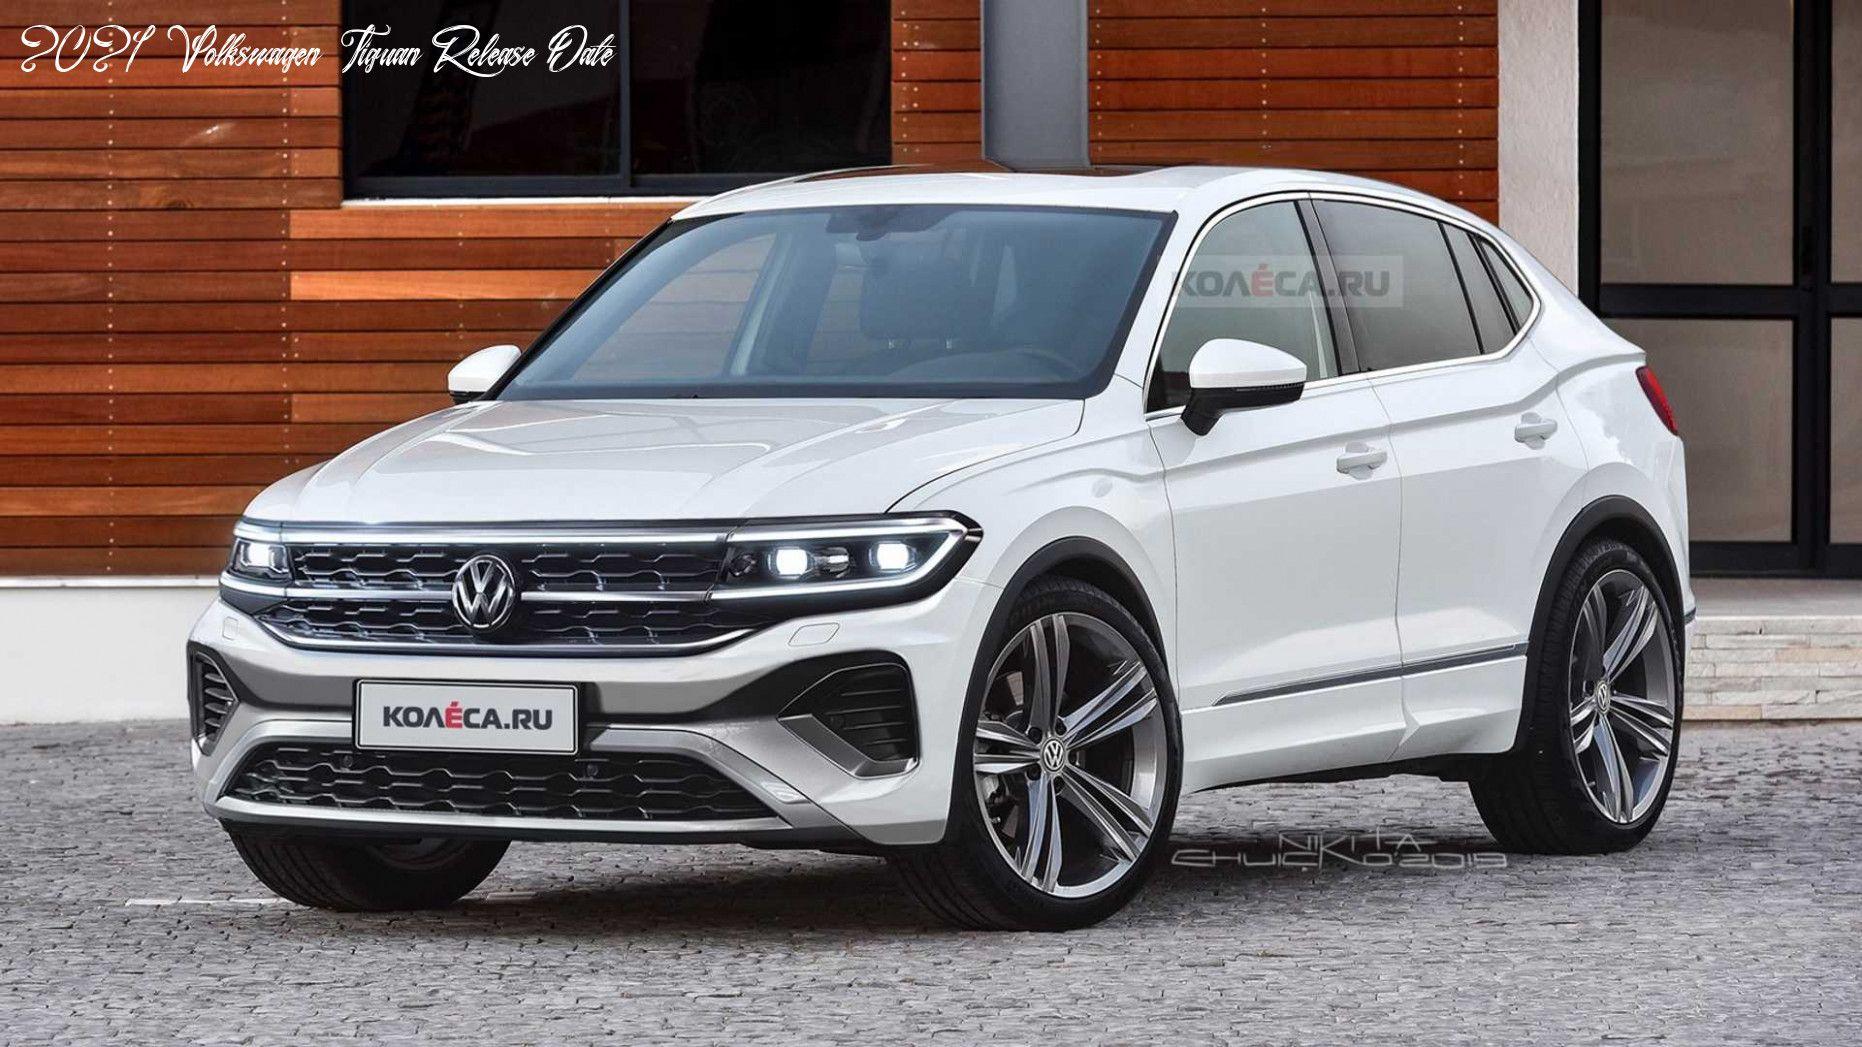 2021 Volkswagen Tiguan Release Date Research New In 2020 New Suv Volkswagen Suv